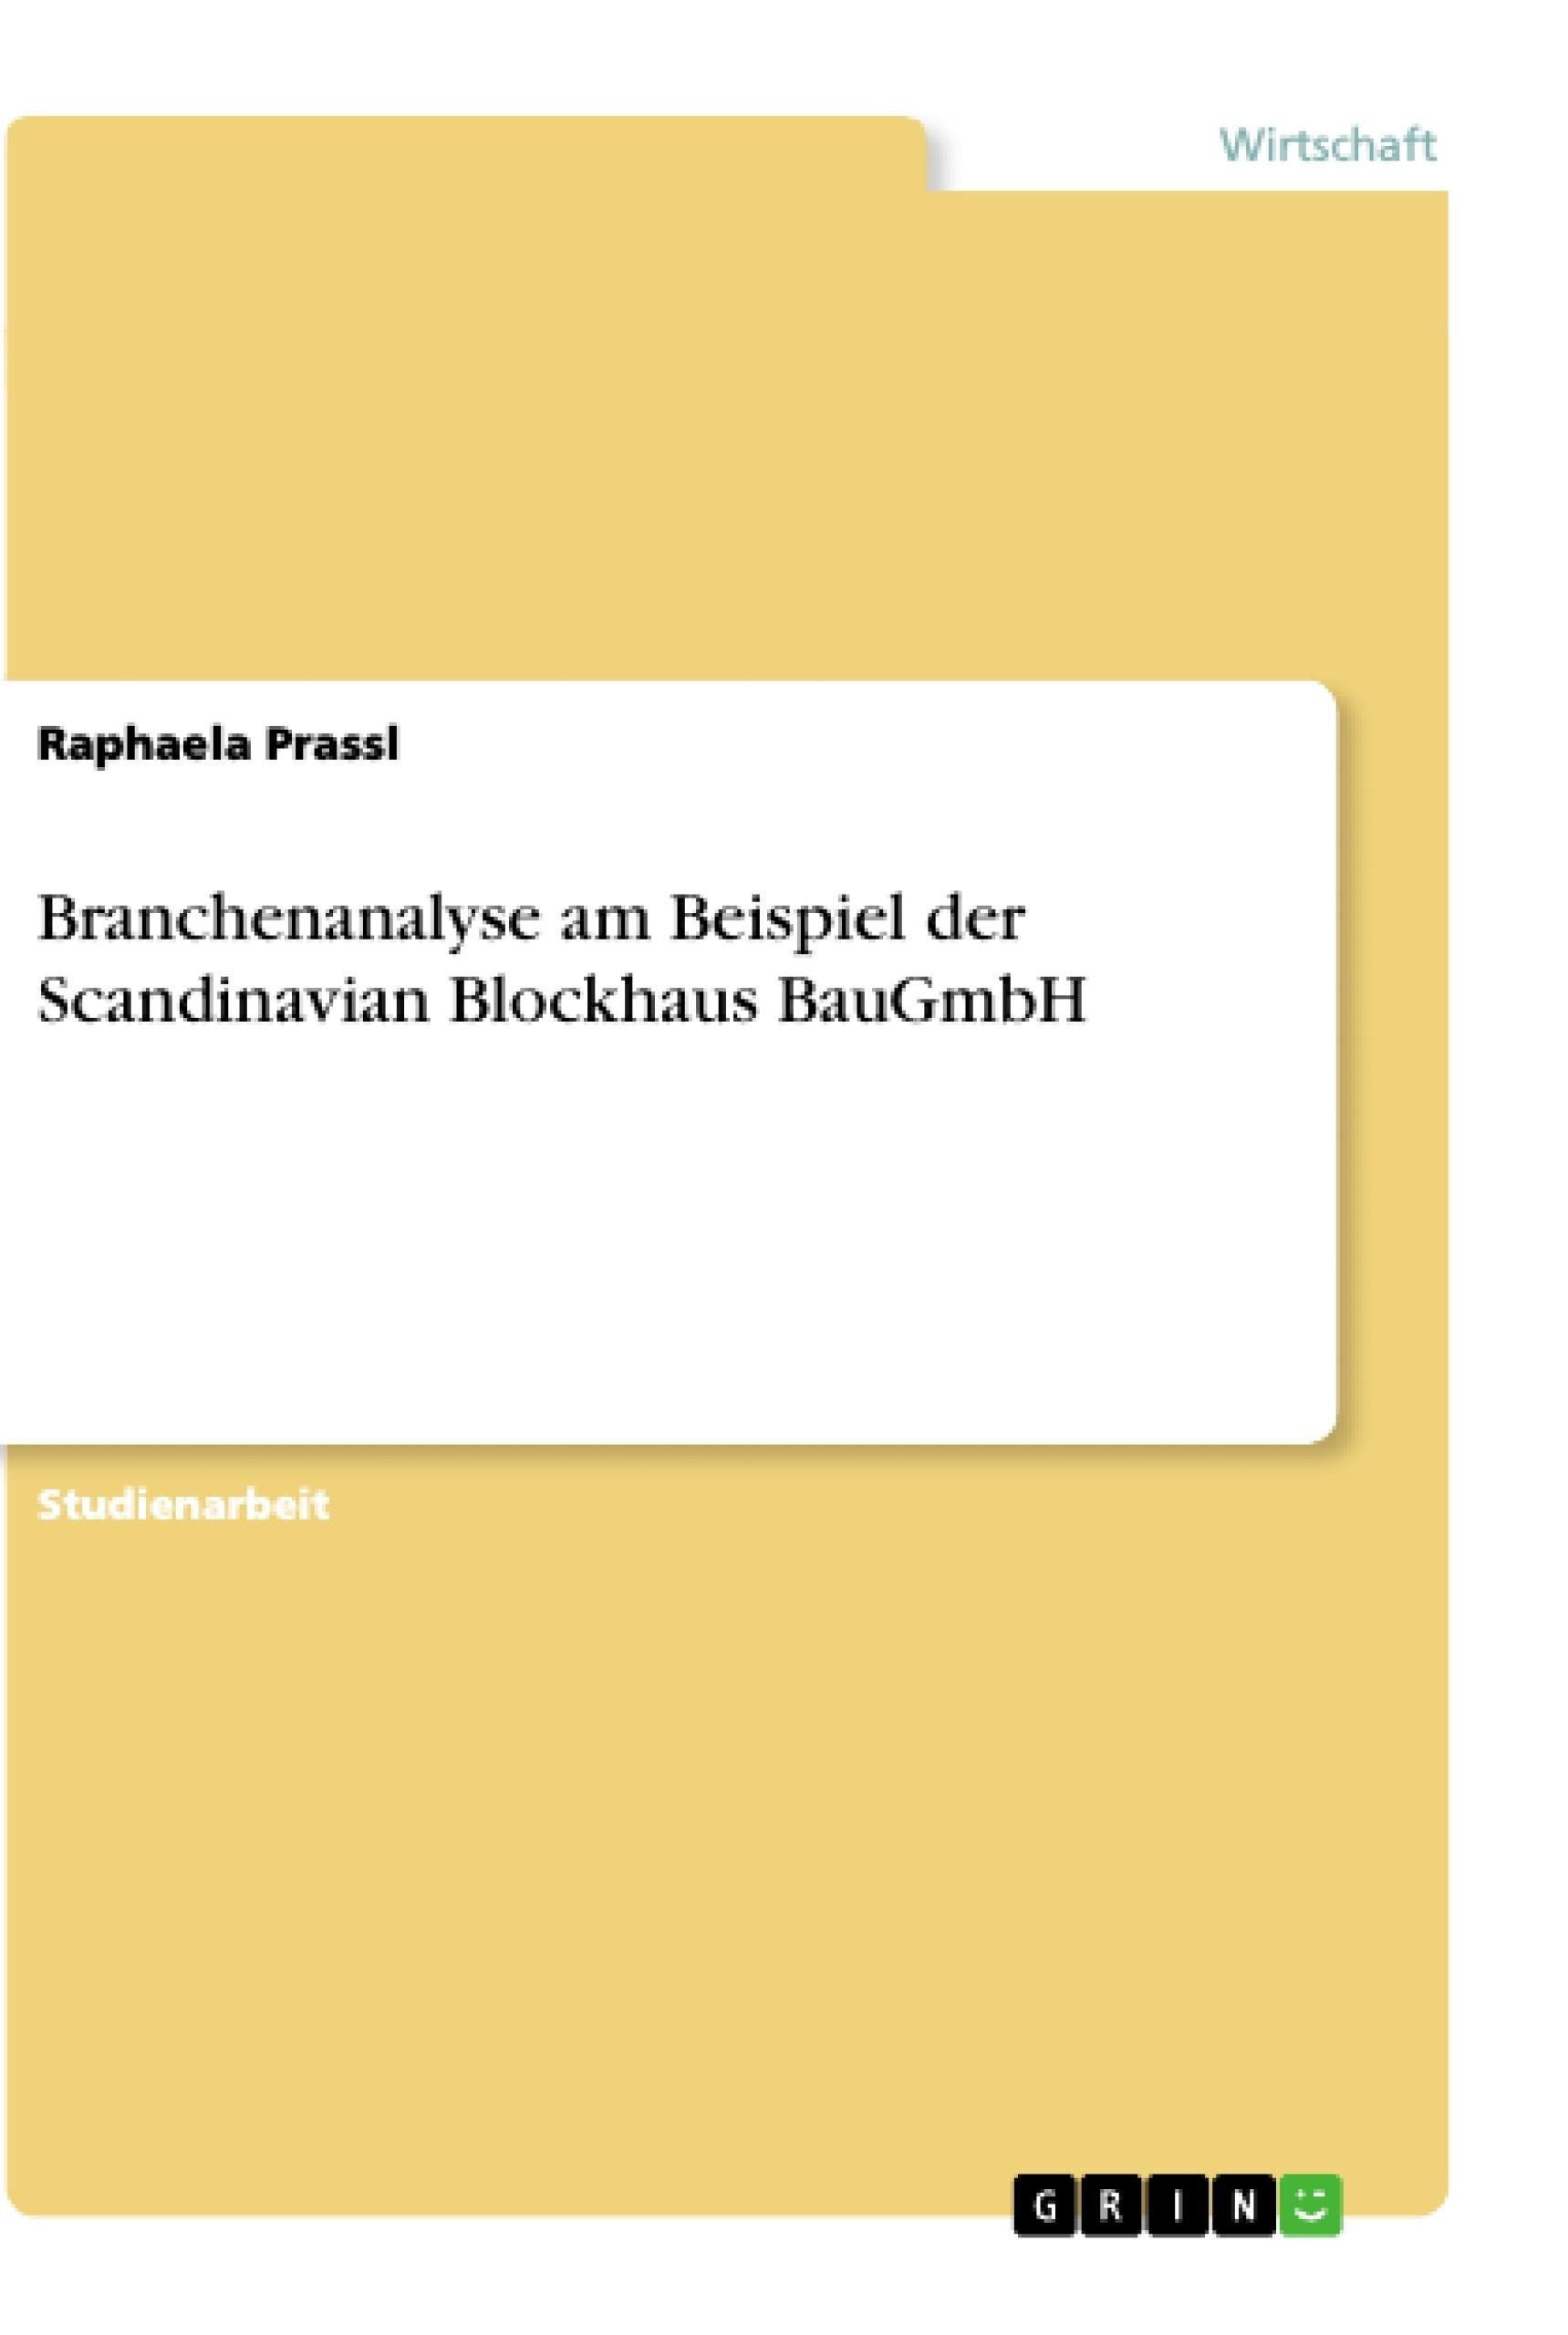 Titel: Branchenanalyse am Beispiel der Scandinavian Blockhaus BauGmbH